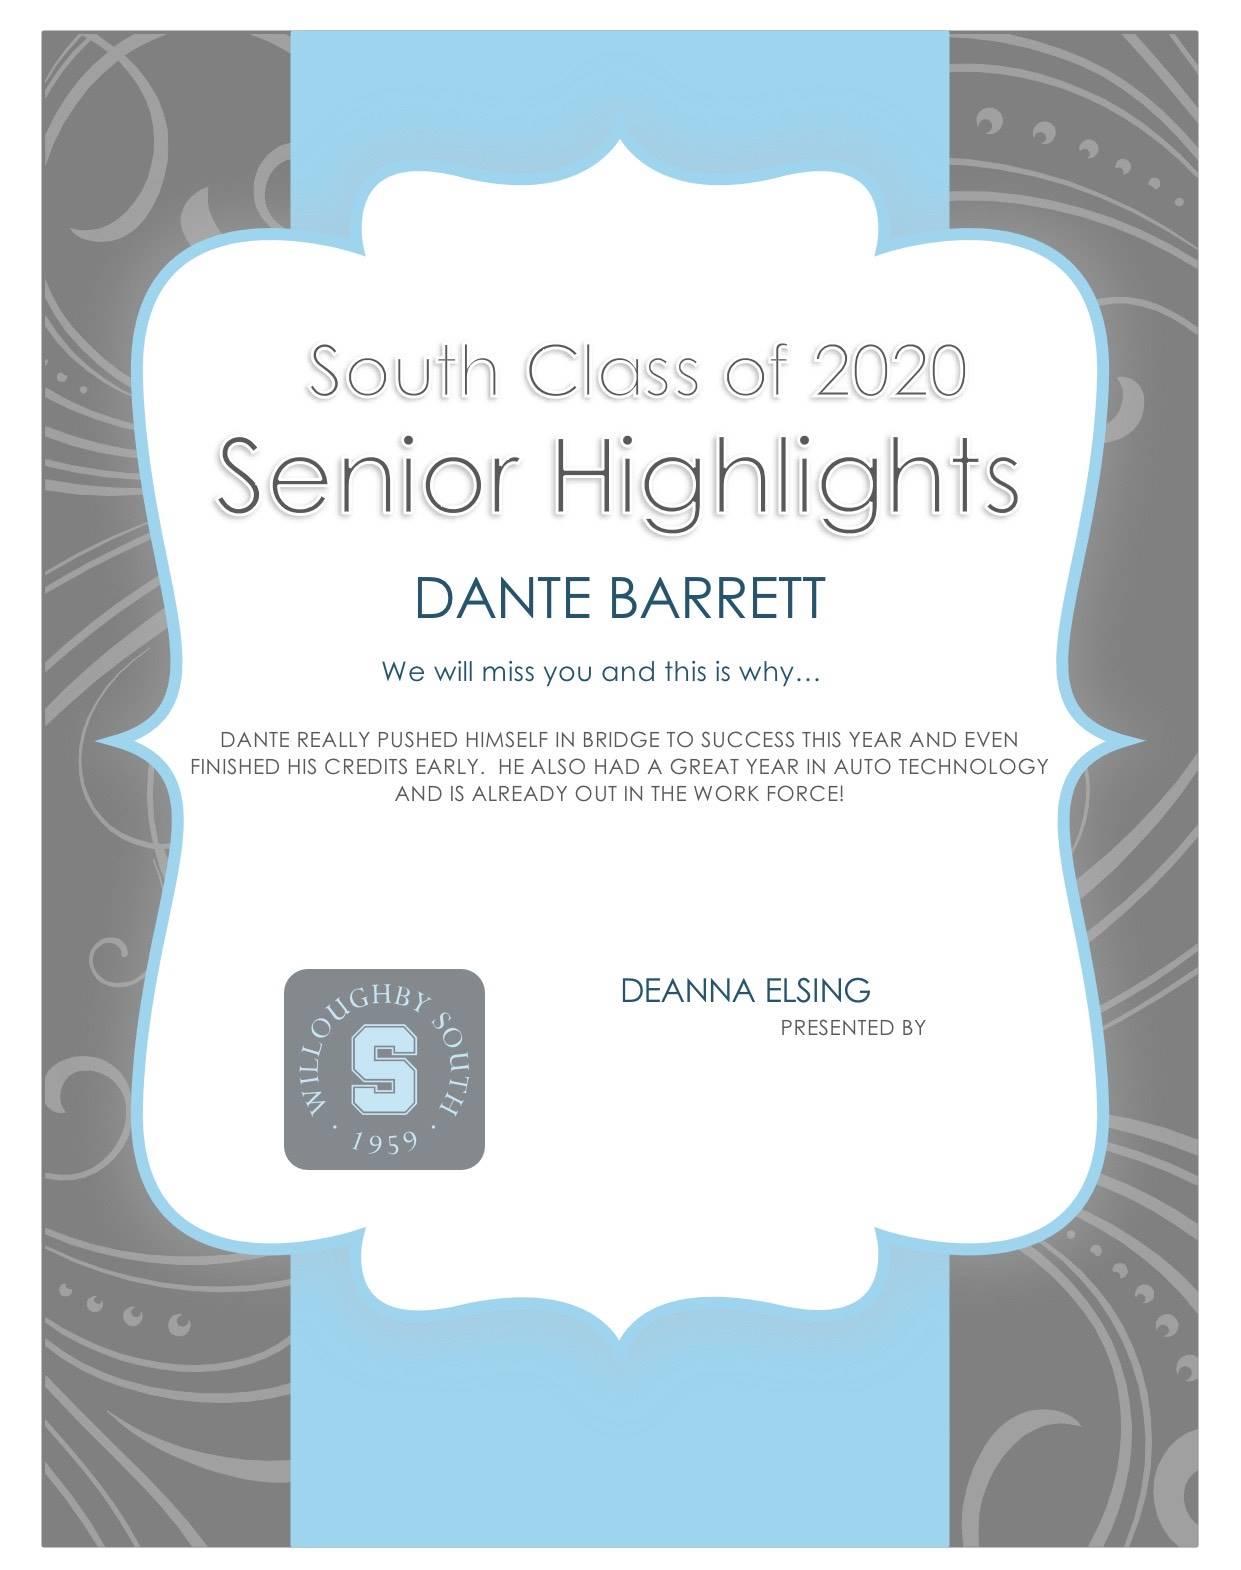 Dante Barnett